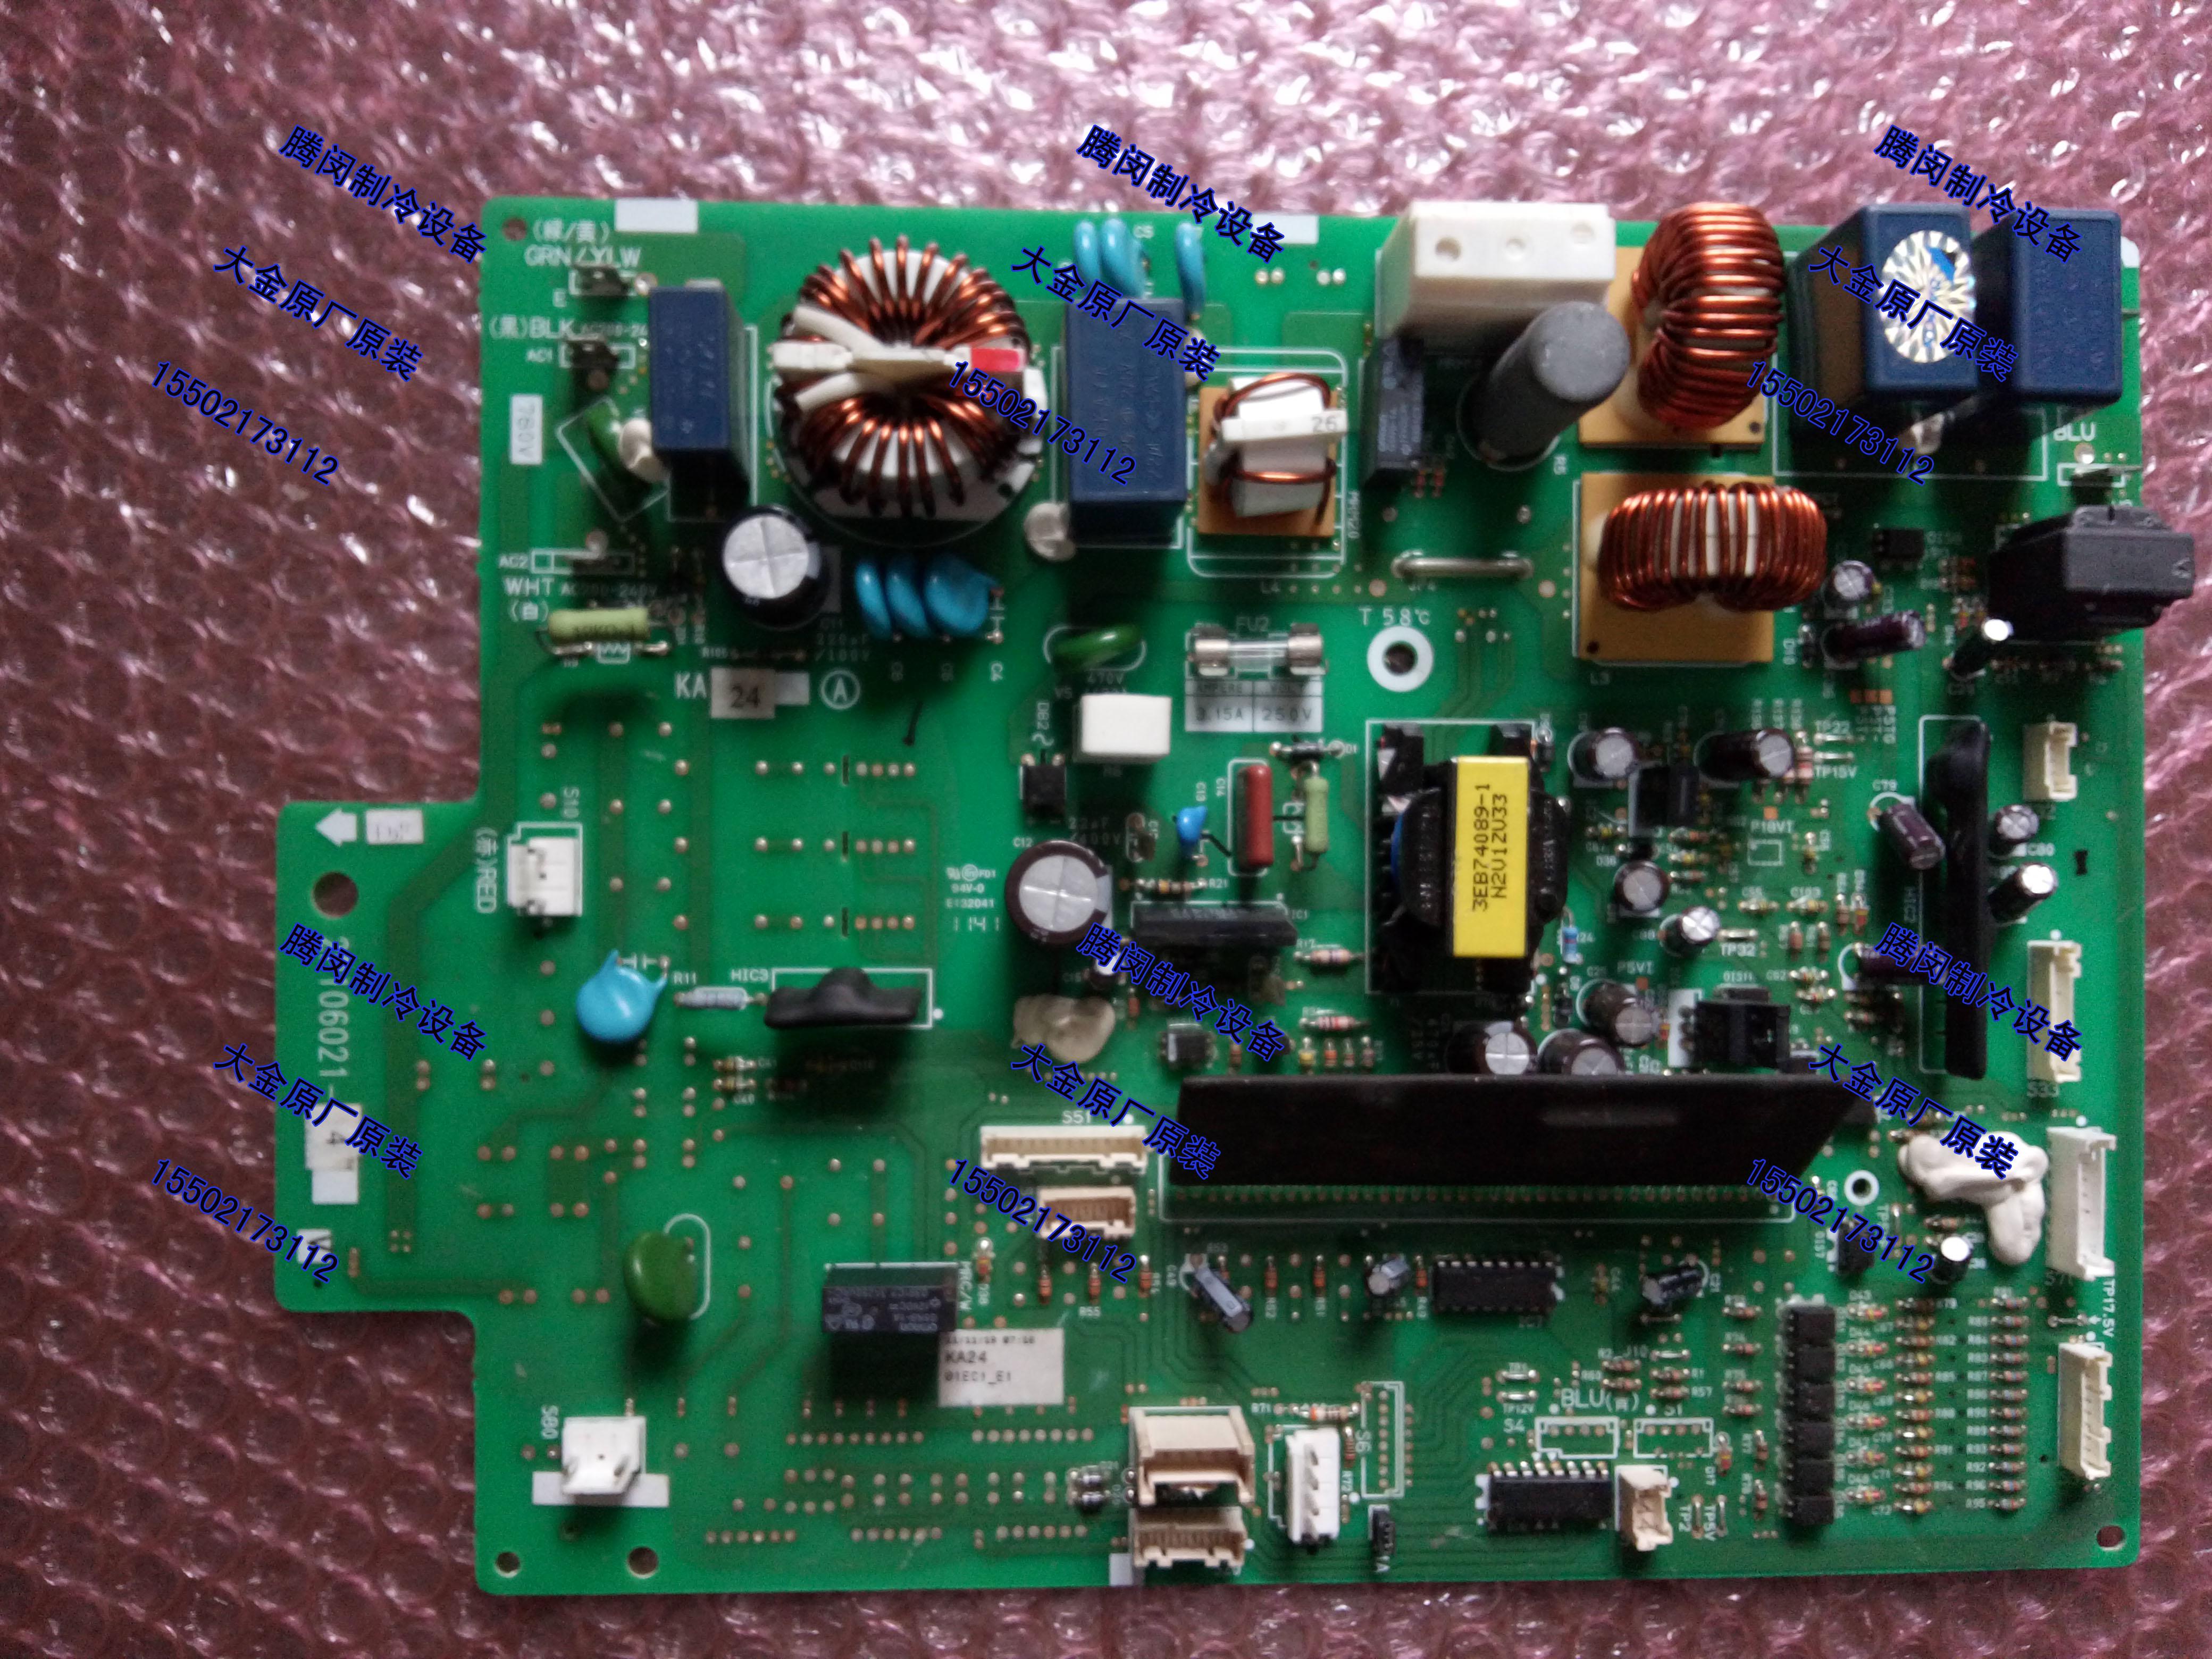 Daikin klimaanlagen - RXD60FV2CN Master Control Board 2P106021-52P106021-7 außerhalb der Maschine